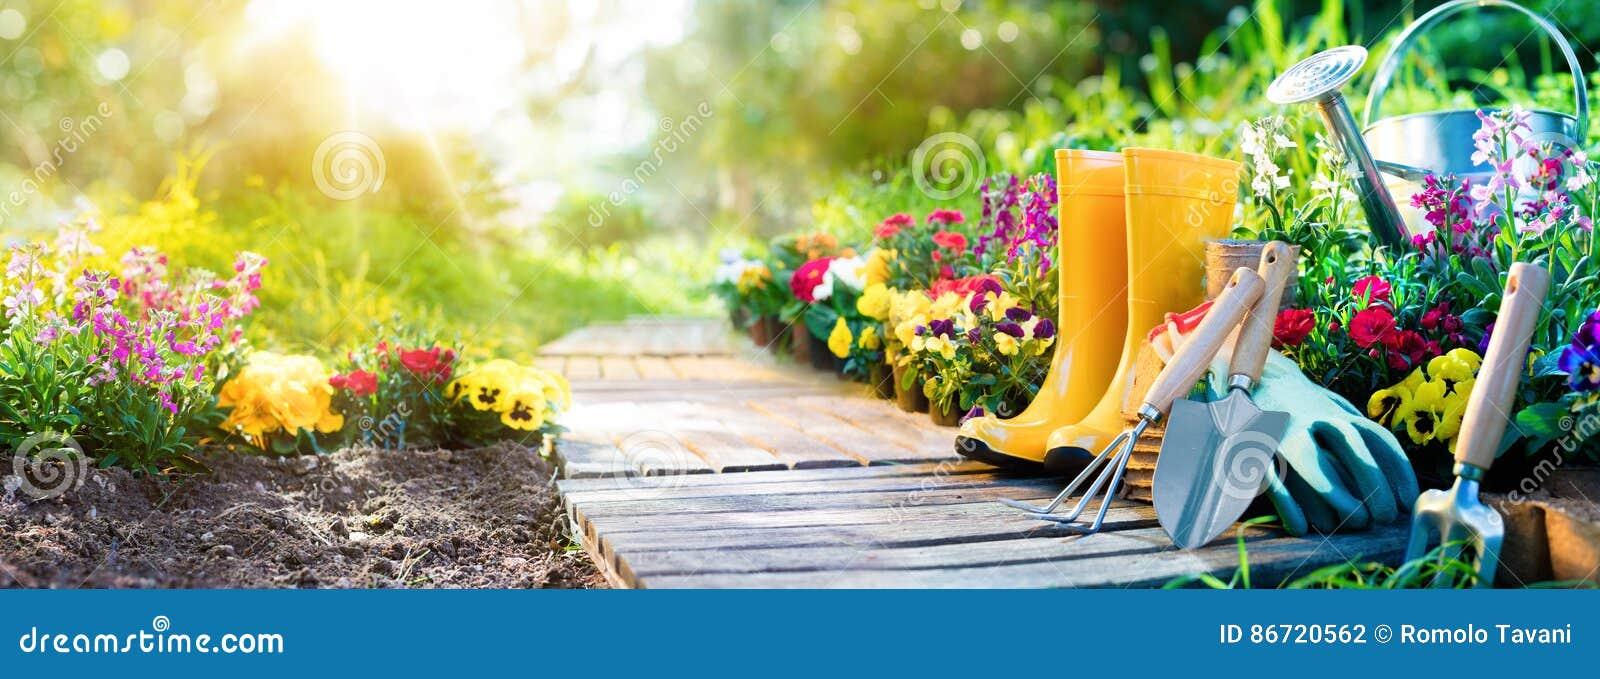 Arbeta i trädgården - uppsättning av hjälpmedel för trädgårdsmästaren And Flowerpots